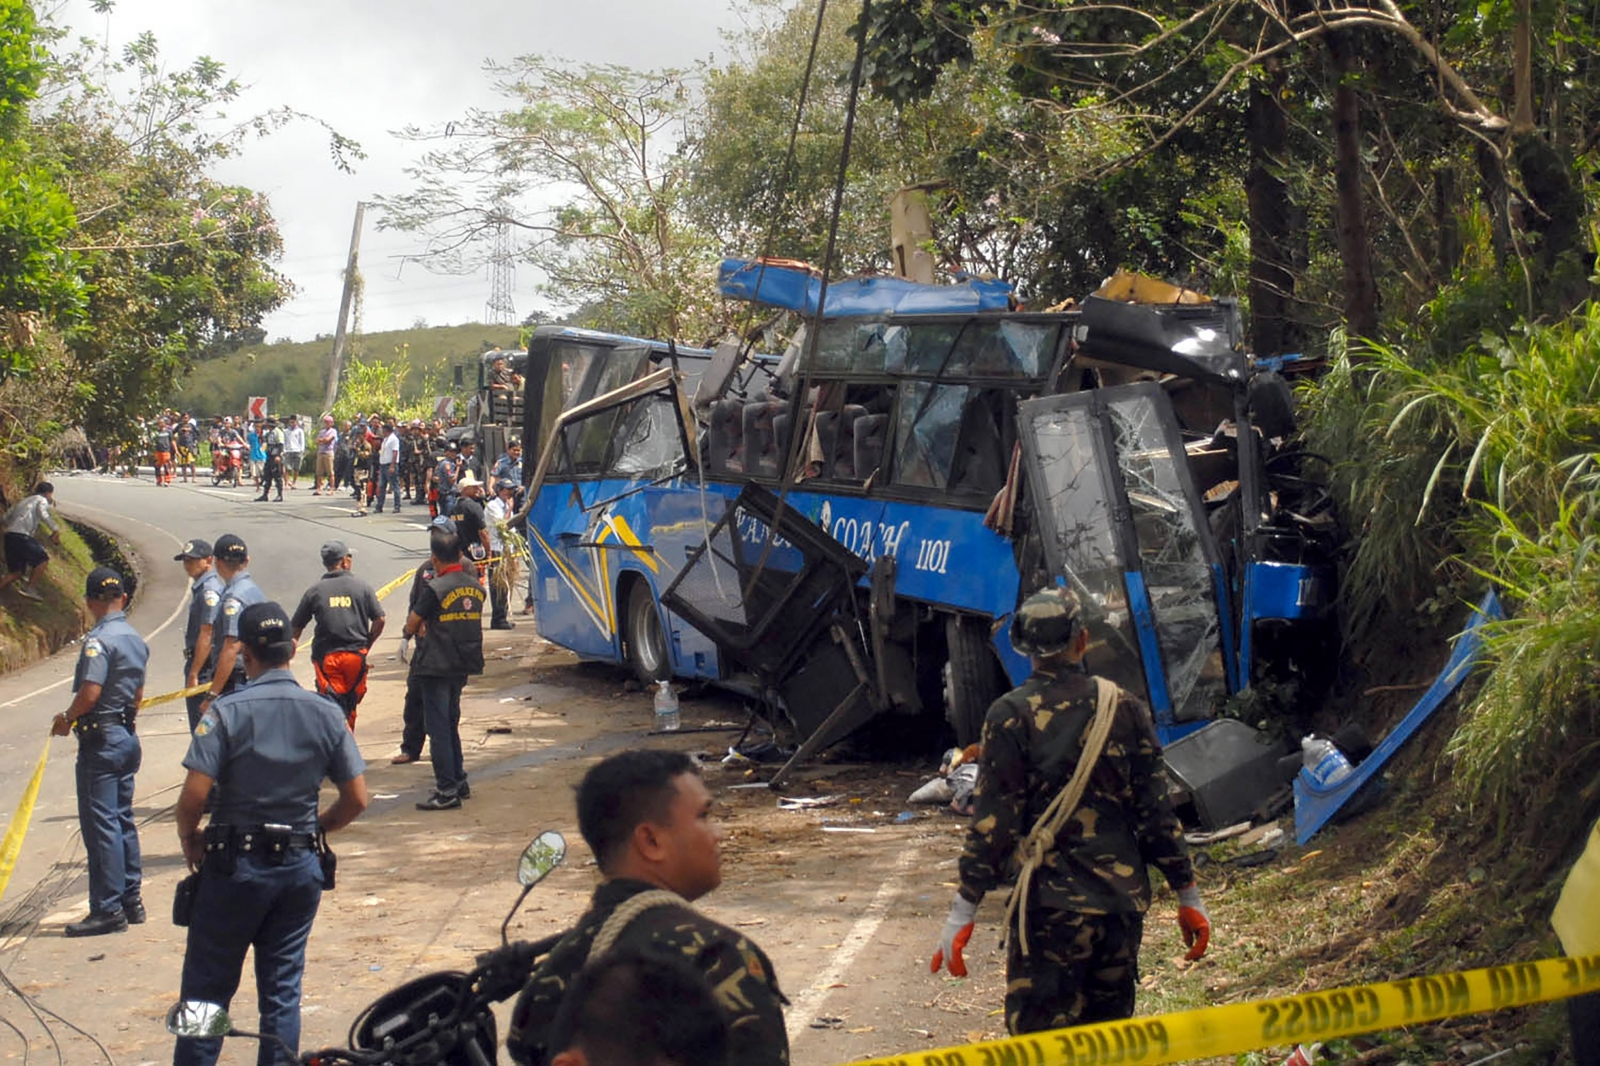 College Tour Bus Accident